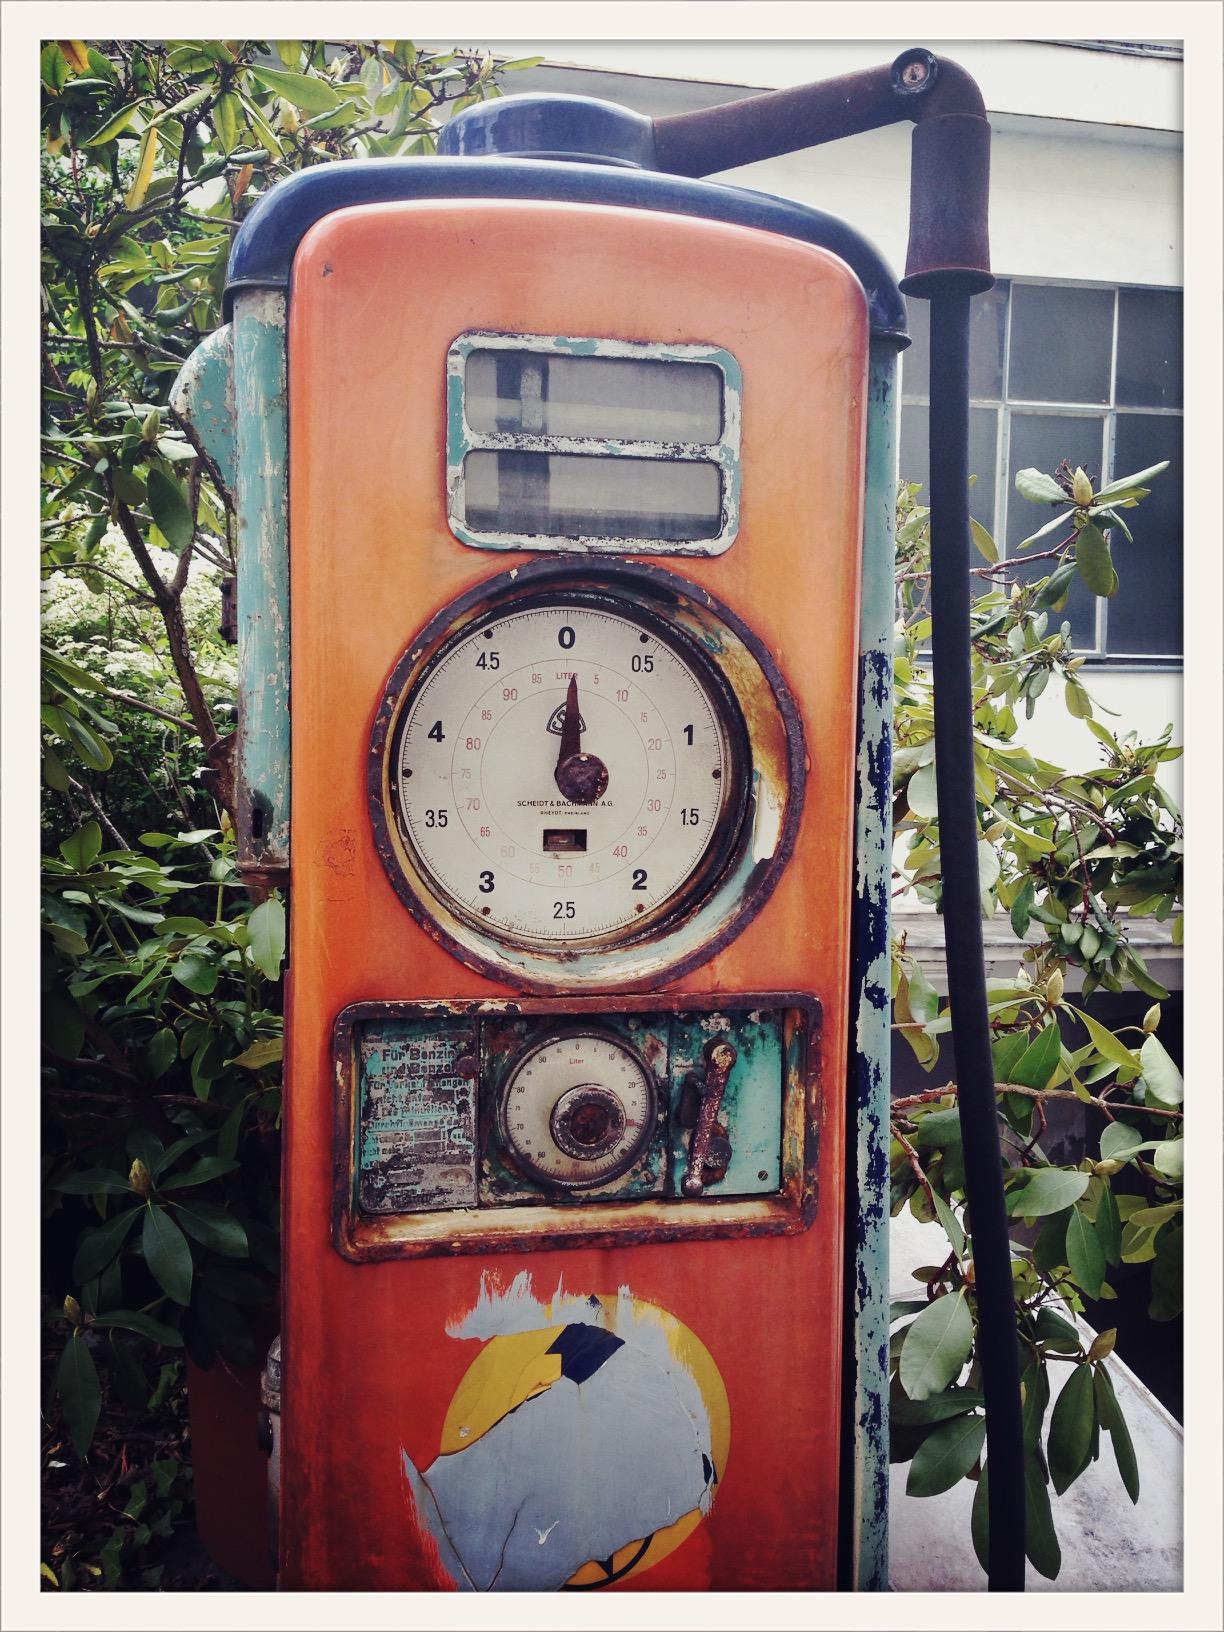 Gas station Muskauerstrasse Kreuzberg Berlin ©lowereast